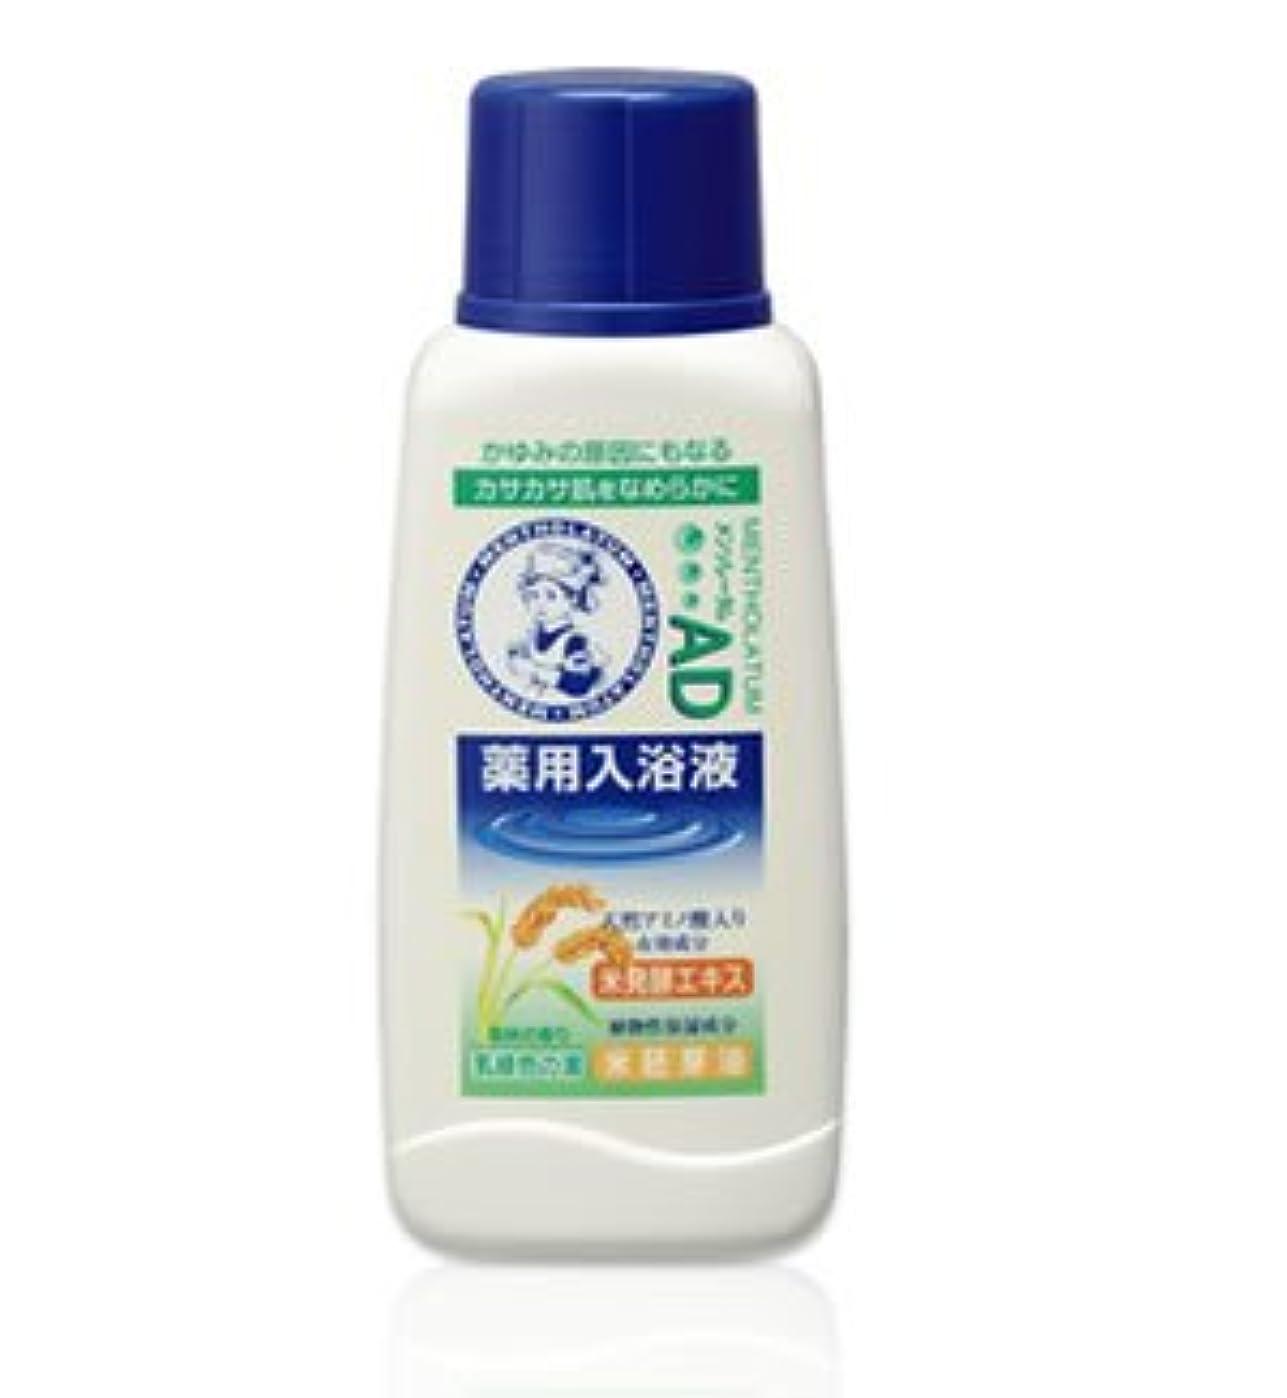 電気密契約する(ロート)メンソレータム AD薬用入浴剤 森林の香り720ml(医薬部外品)(お買い得3本セット)